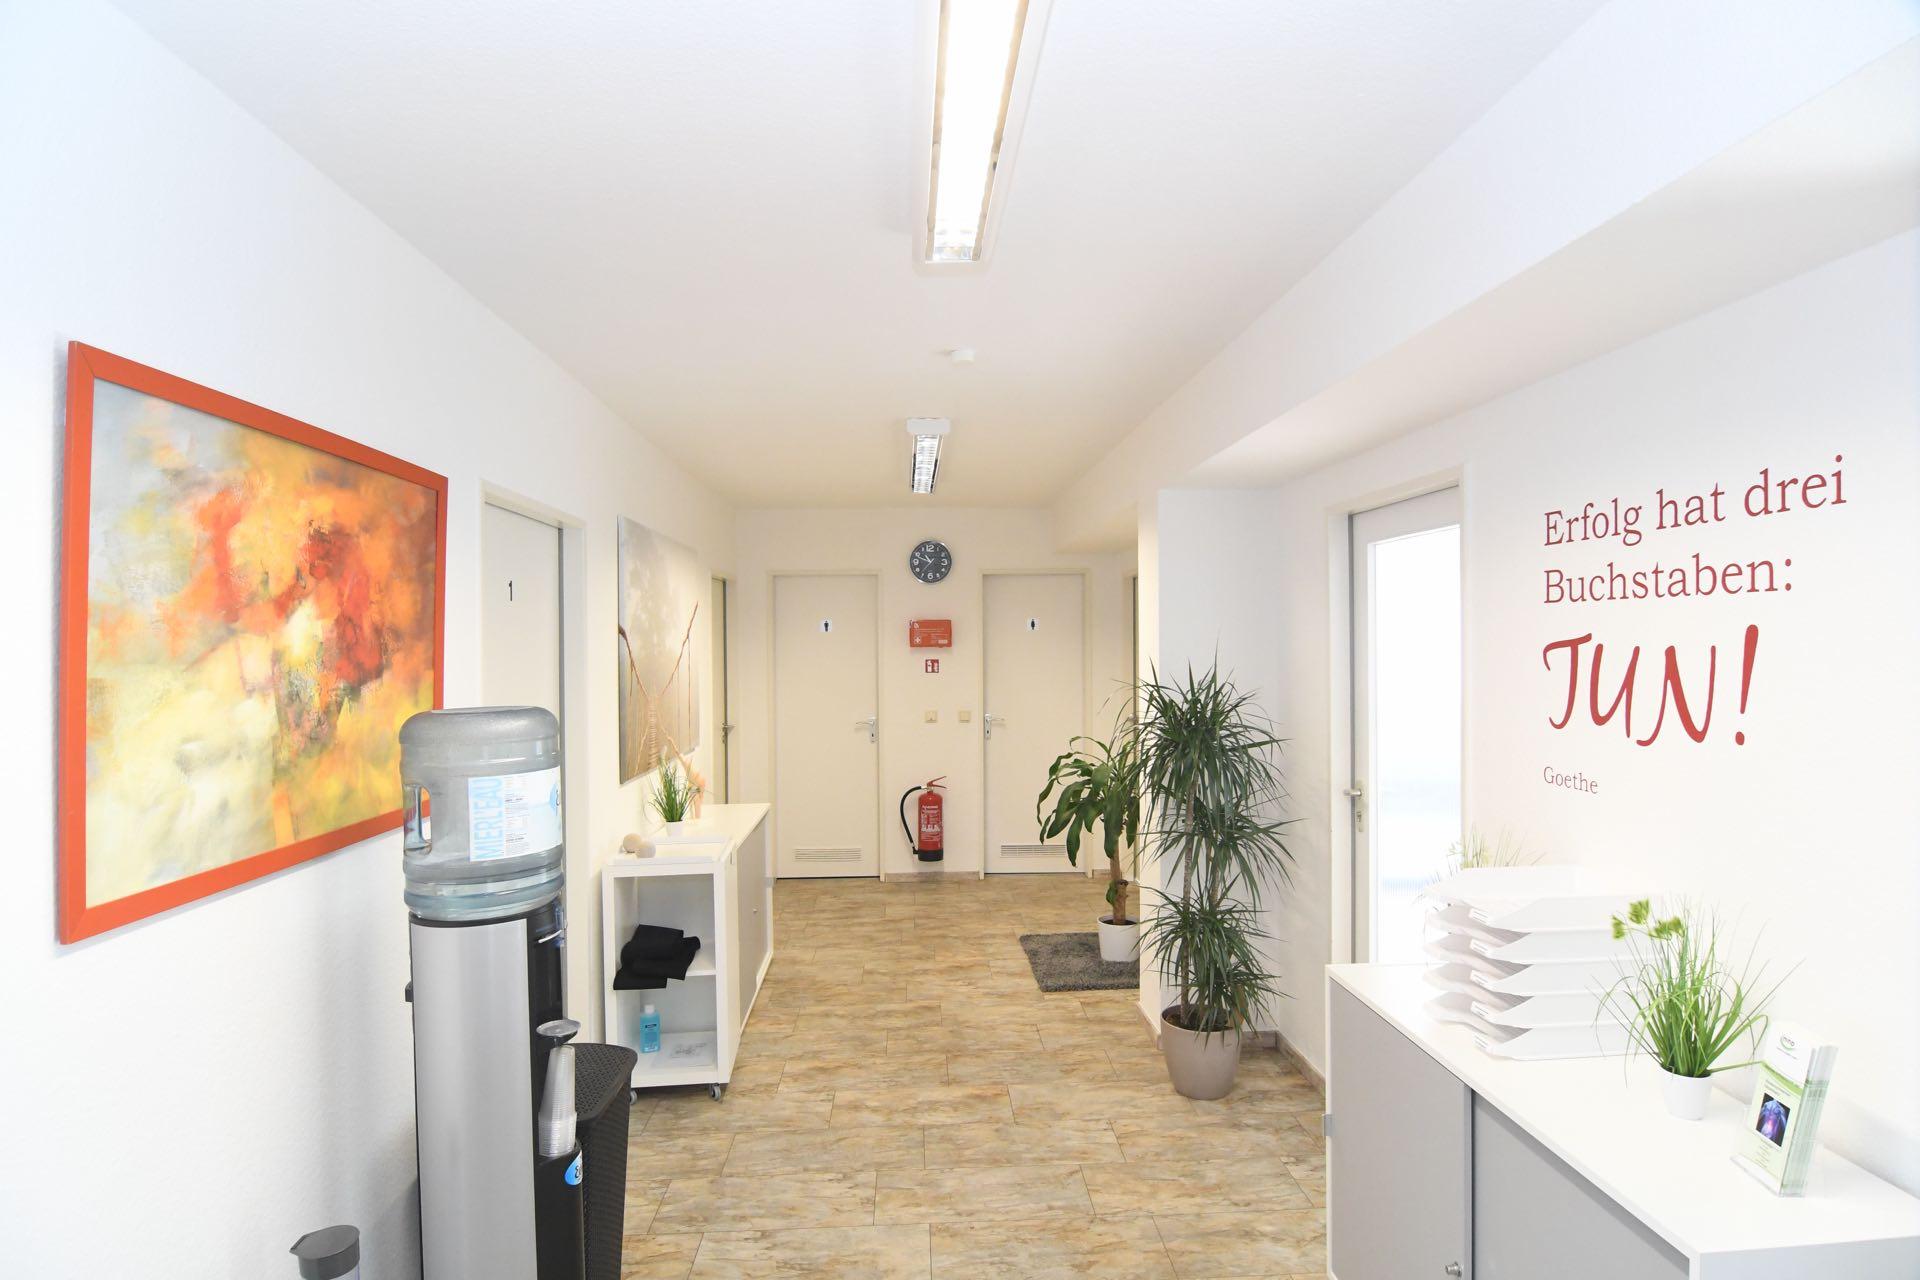 Physiotherapiepraxis Bonn Bad Godesberg Medical Health Point Behandlungsraum Flurbereich mit Wasserspender